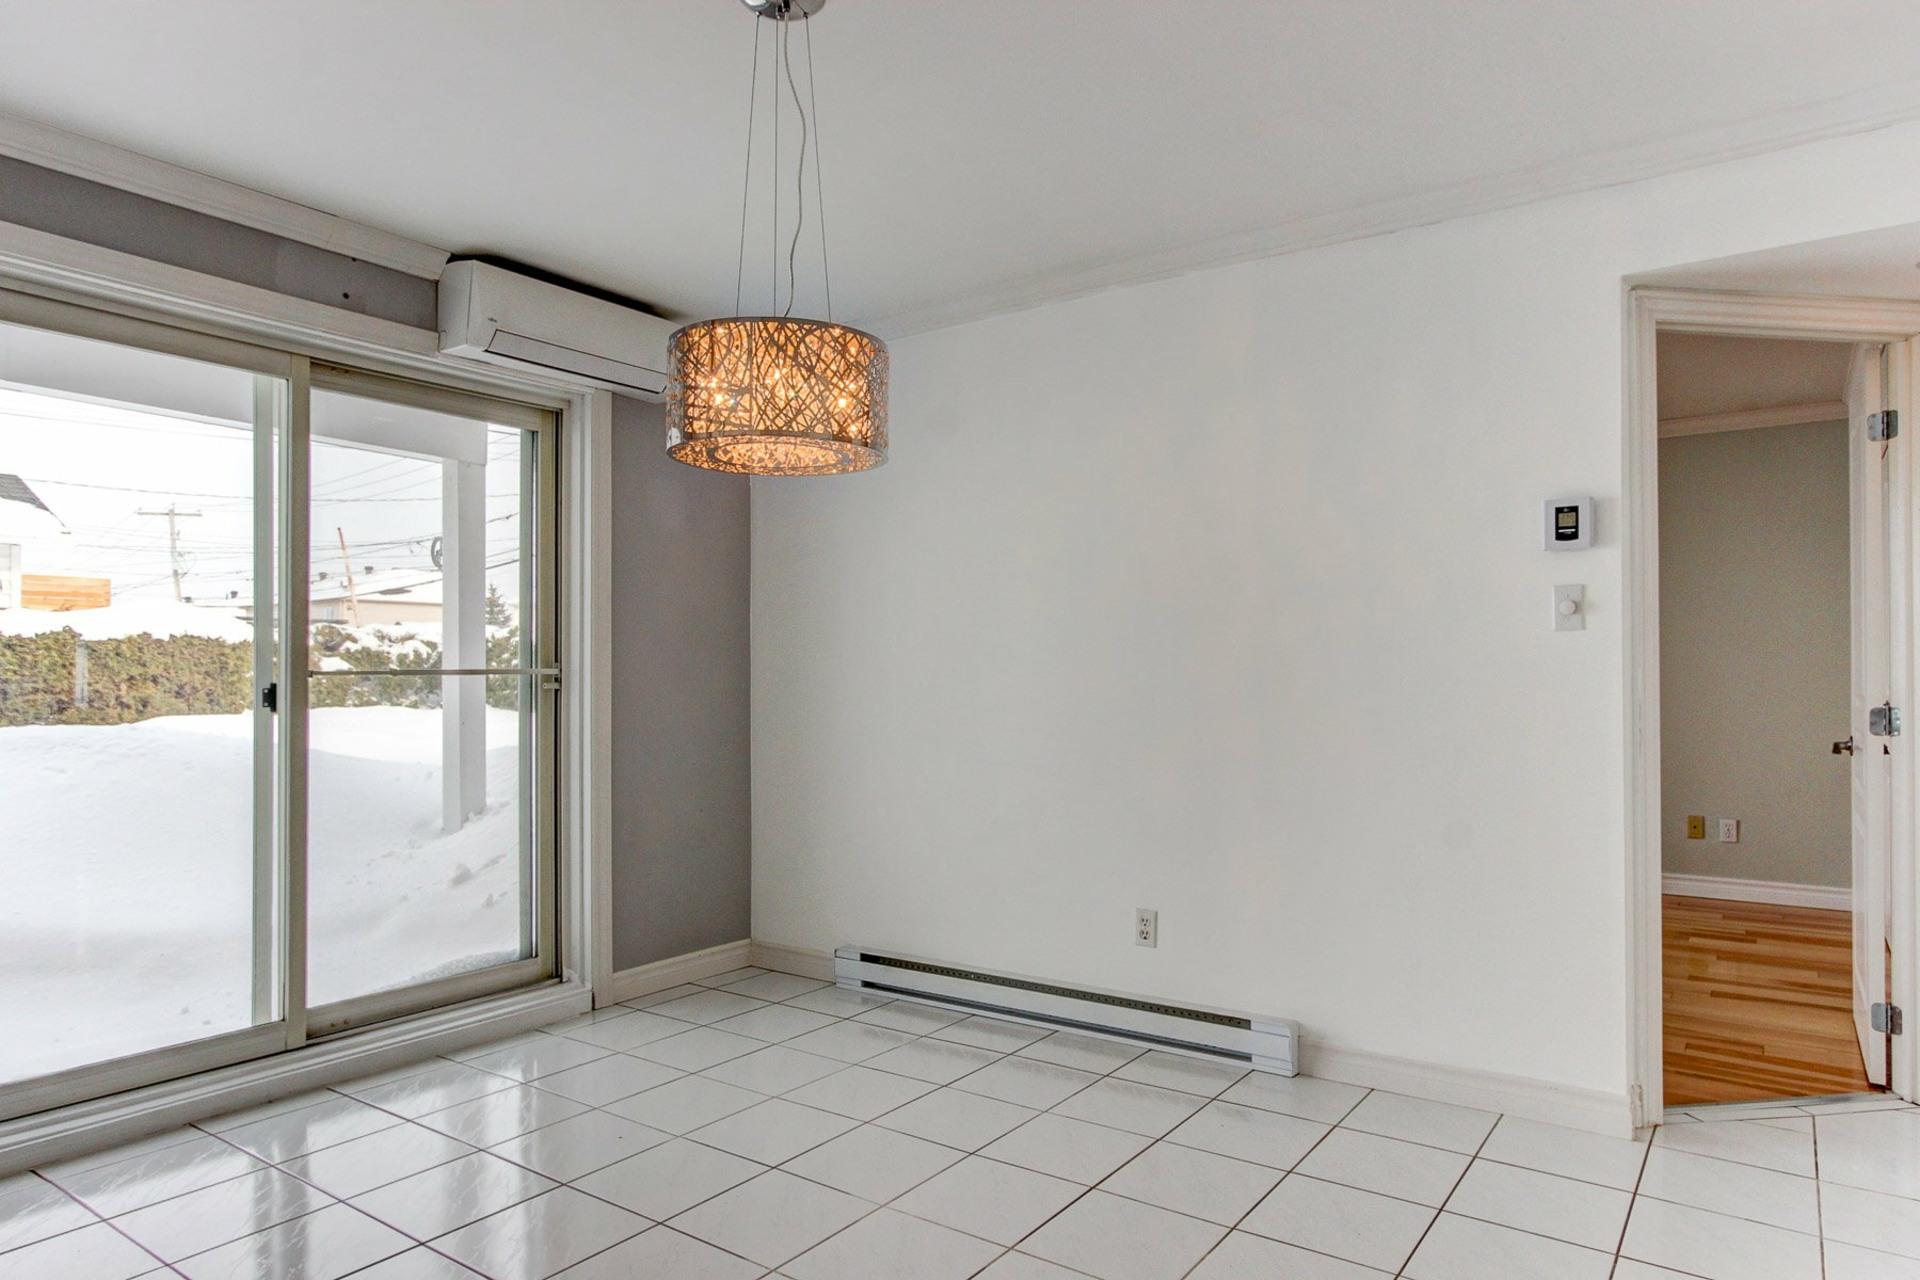 image 7 - Appartement À vendre Trois-Rivières - 6 pièces